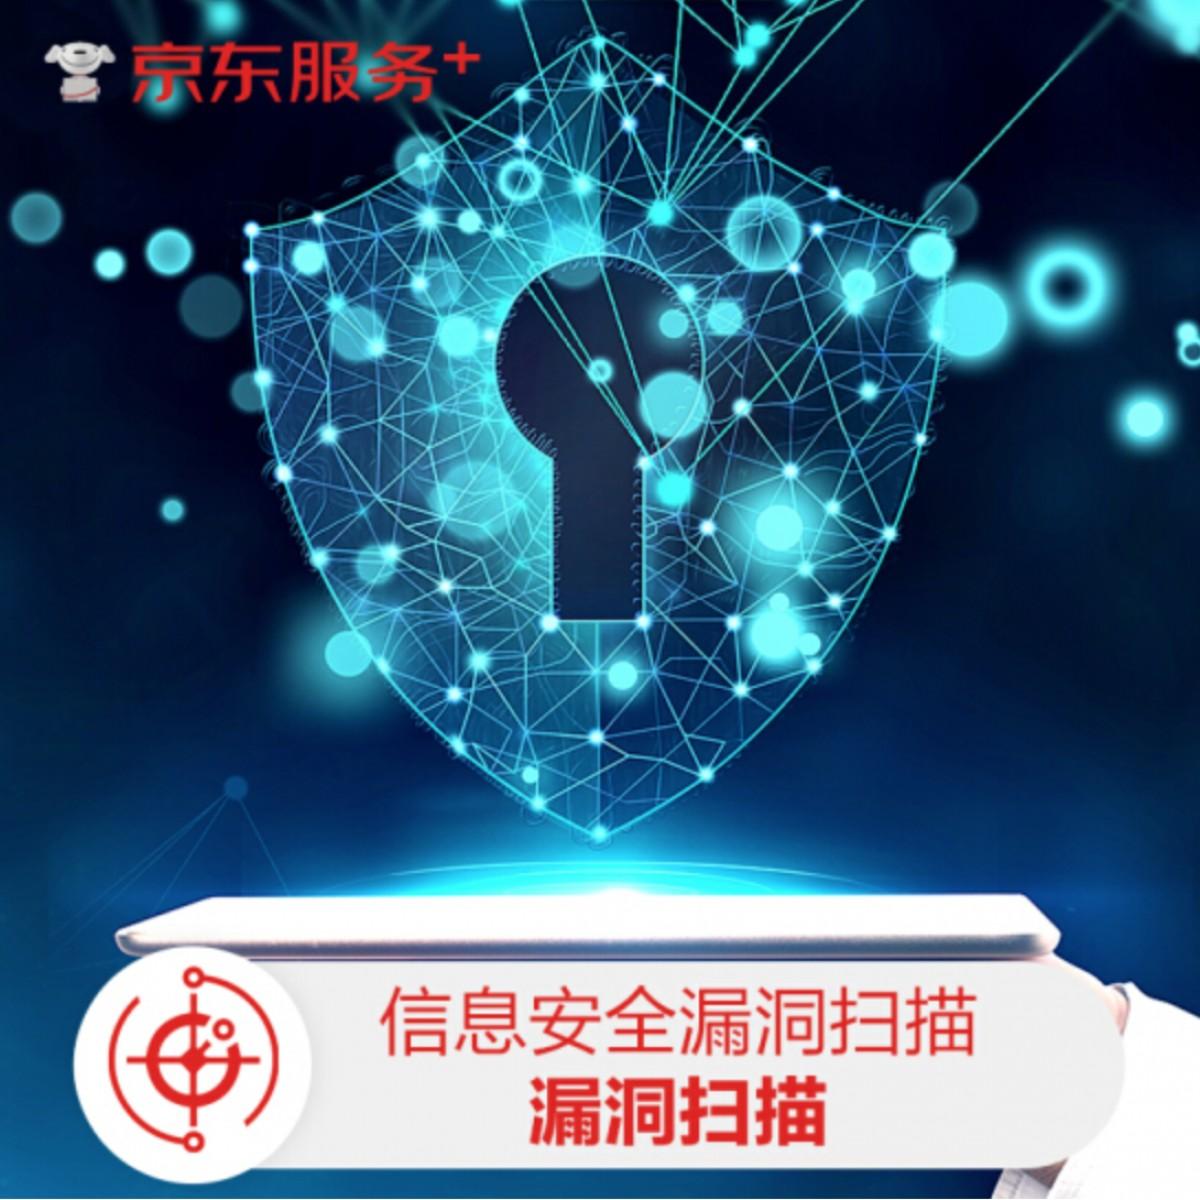 信息安全漏洞扫描1年版(信息安全扫描服务3次/年/域名)